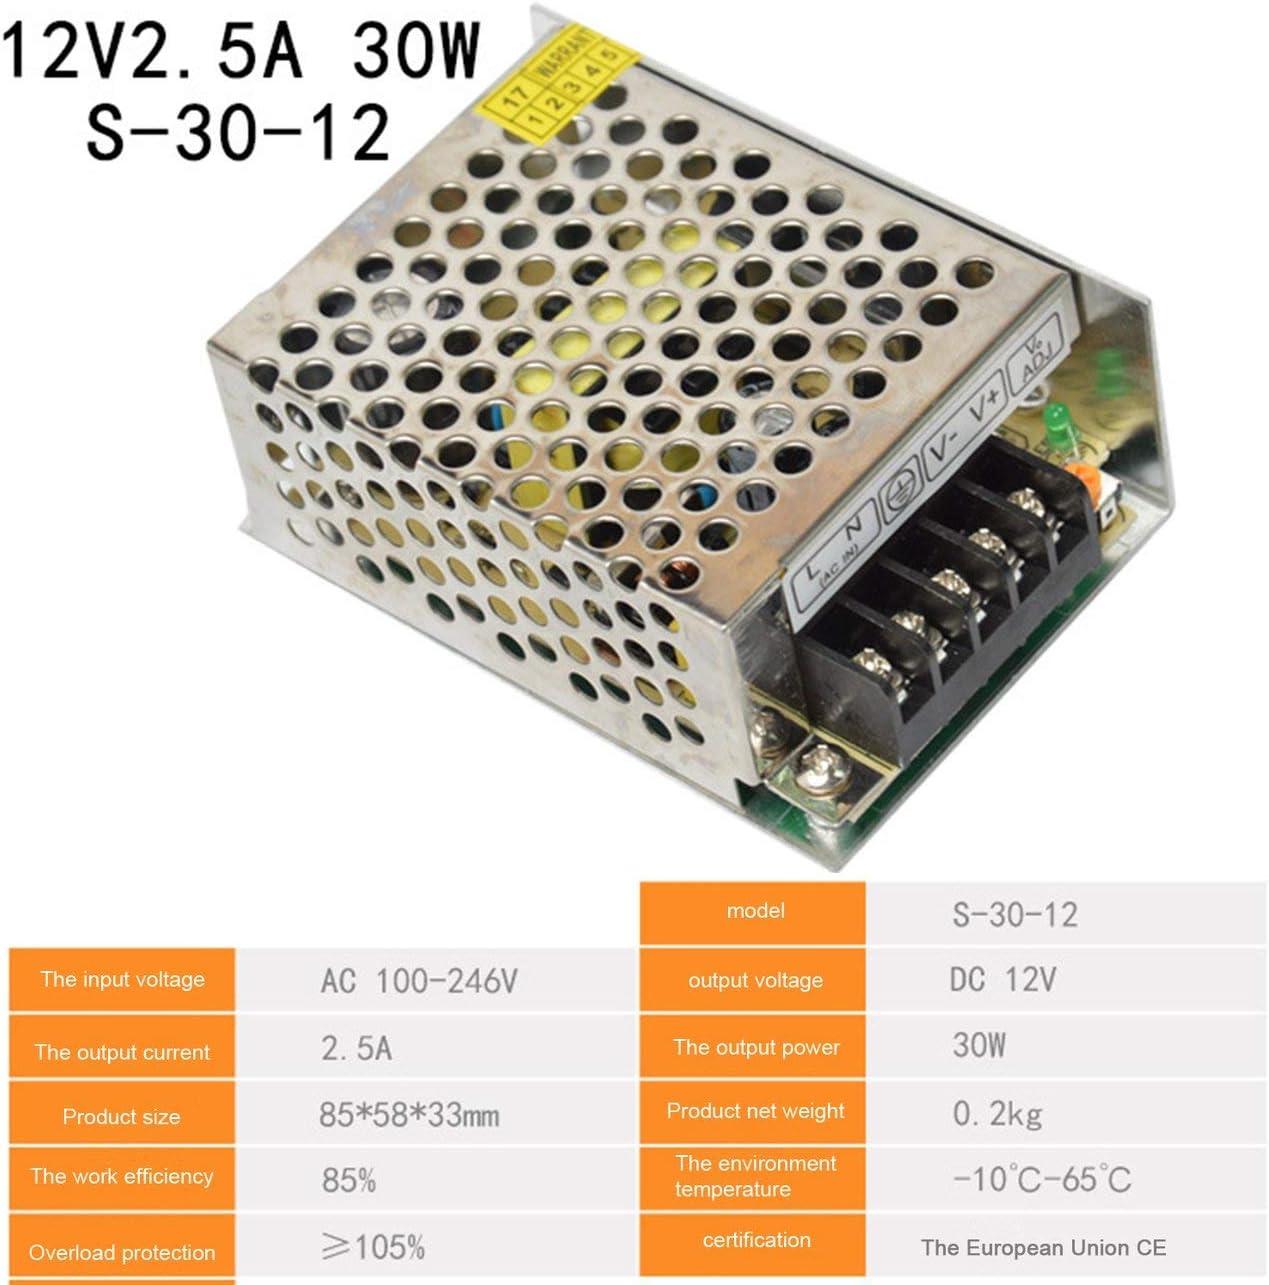 Ba30DEllylelly Fuente de alimentación conmutada DC12V 1A 1.25A 2A 2.5A 3A 3.2A 4.2A 5A 6A AC 220V a DC 12 voltios AC-DC 12V para Tira de LED de 12V